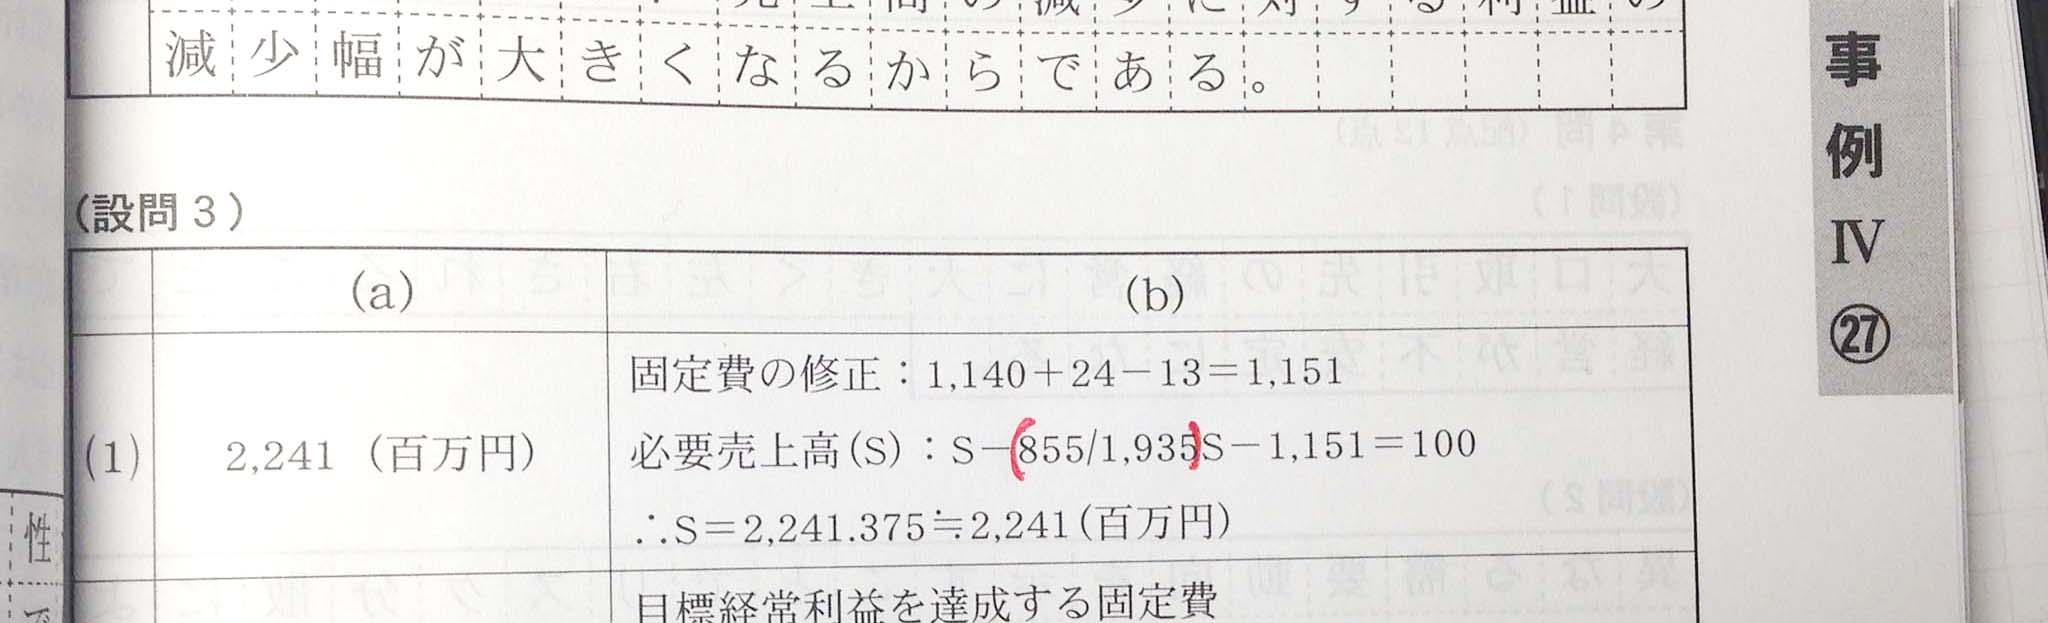 f:id:mogami74:20170926002542j:plain